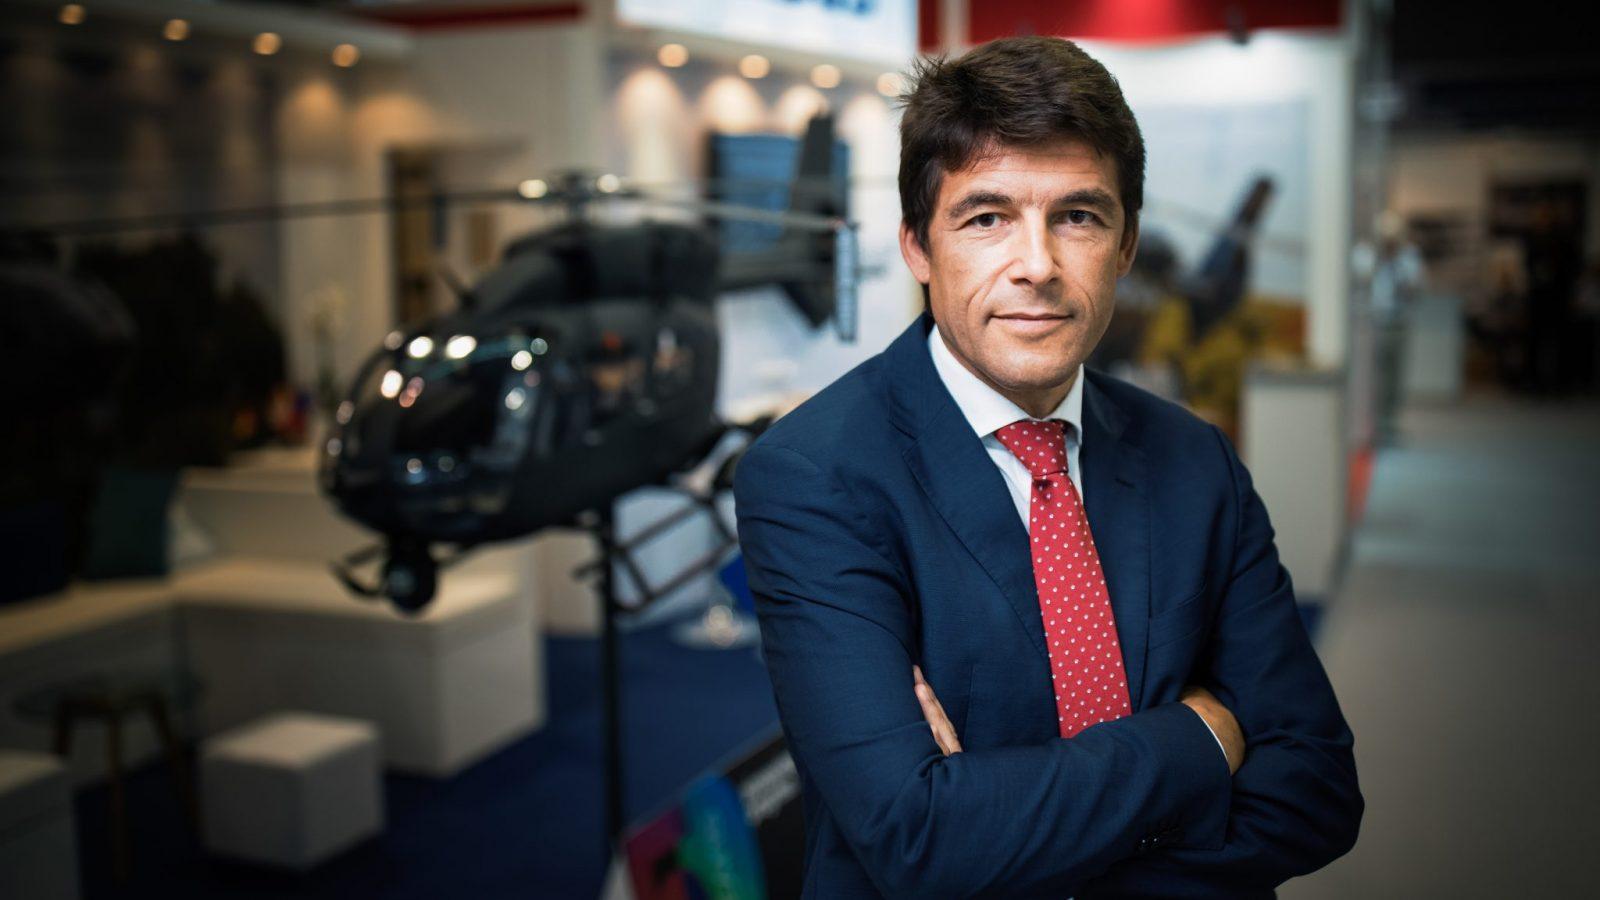 [EKSKLUZIVNO] Direktor Erbas Helikoptera: Srbija bi dobila priuštiv i sveobuhvatan nacionalni sistem za obuku vojnih i civilnih pilota helikoptera sa H125 i H145M